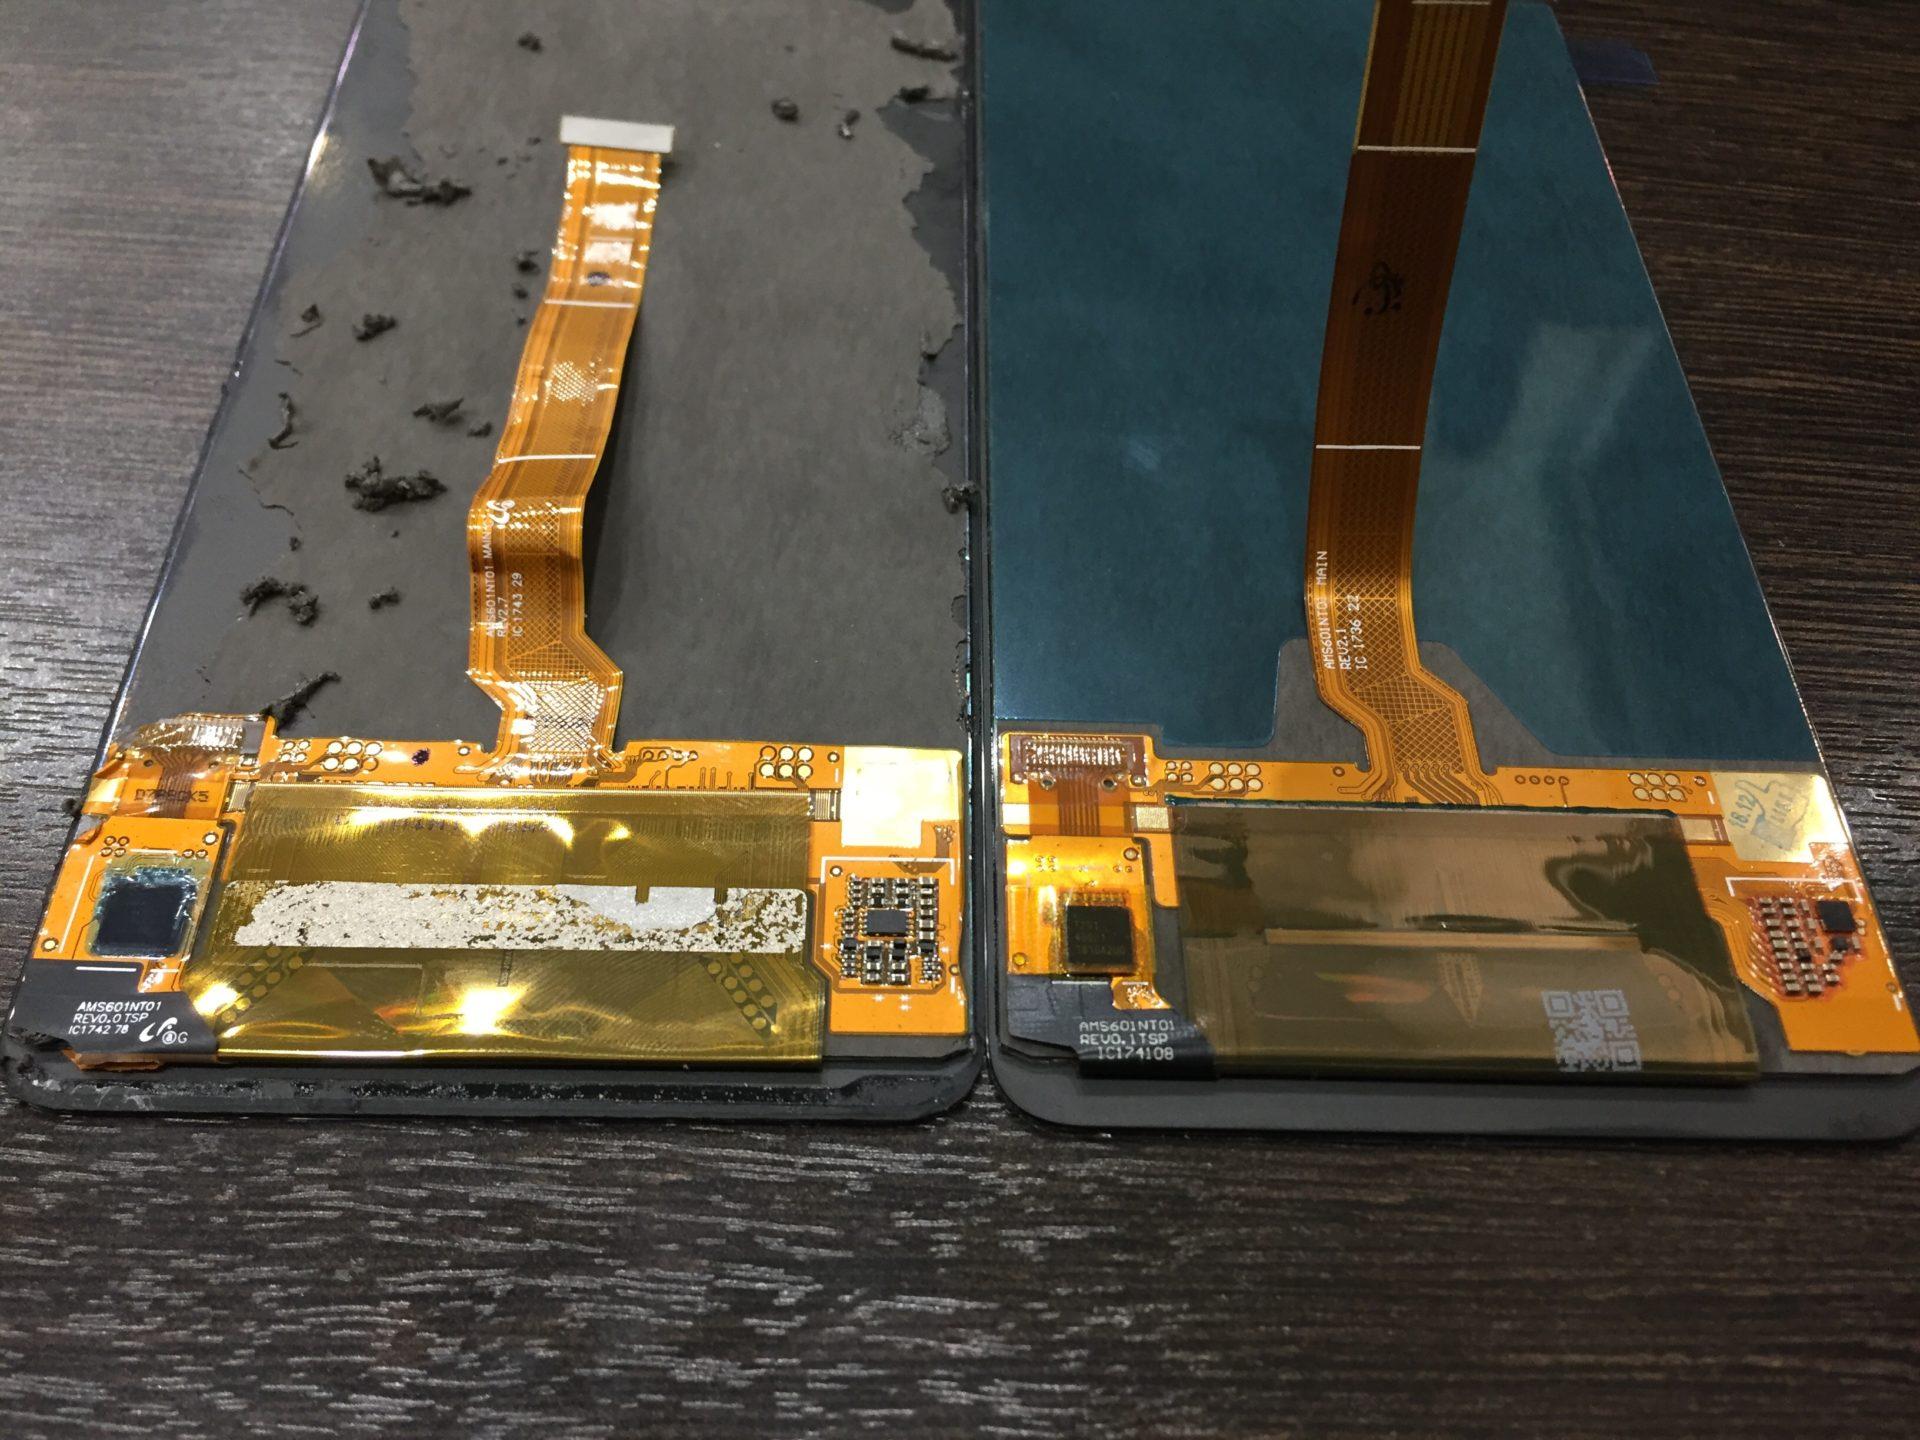 На Huawei Mate 10 Pro разбилось стекло - замена дисплея.